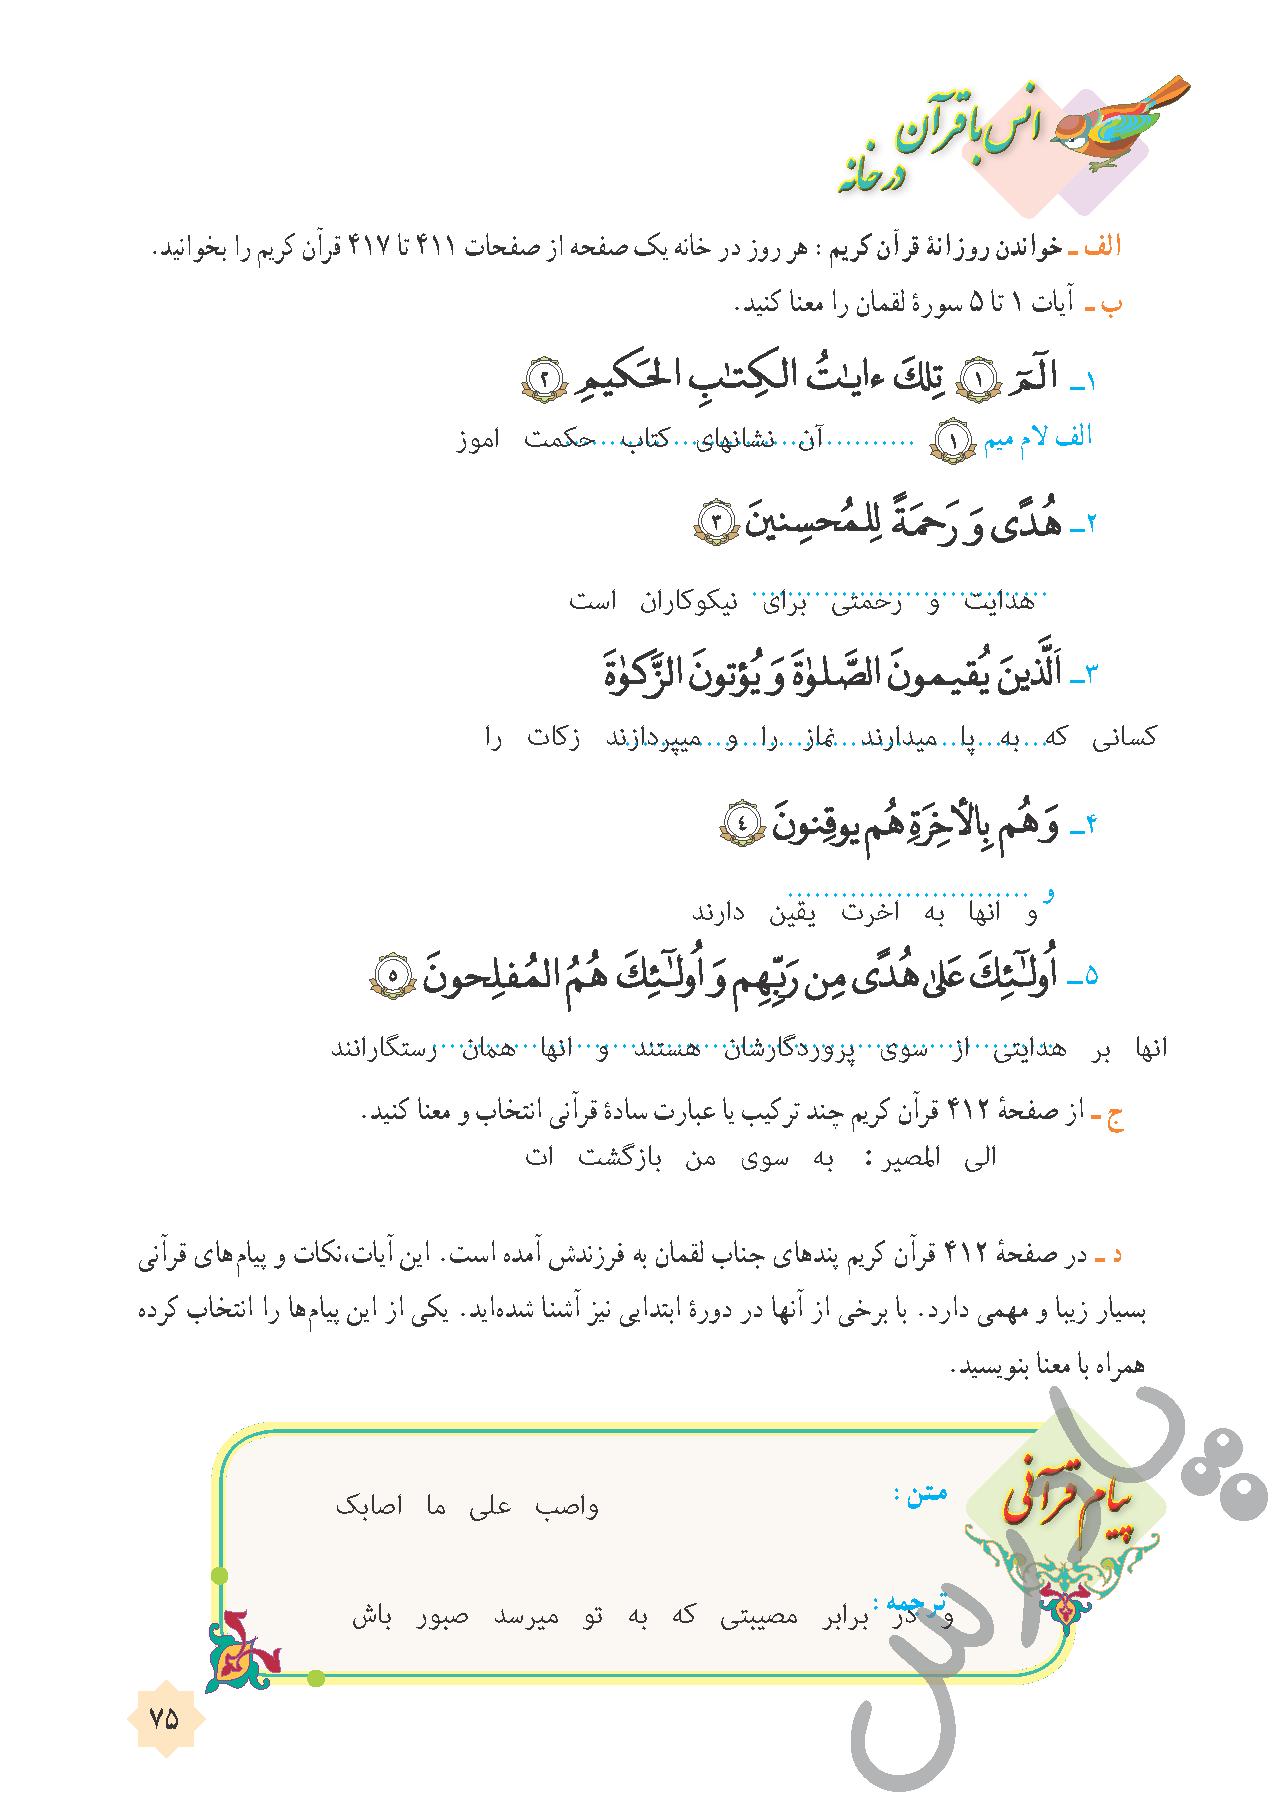 جواب انس با قرآن درس 7 قرآن هشتم -جلسه دوم